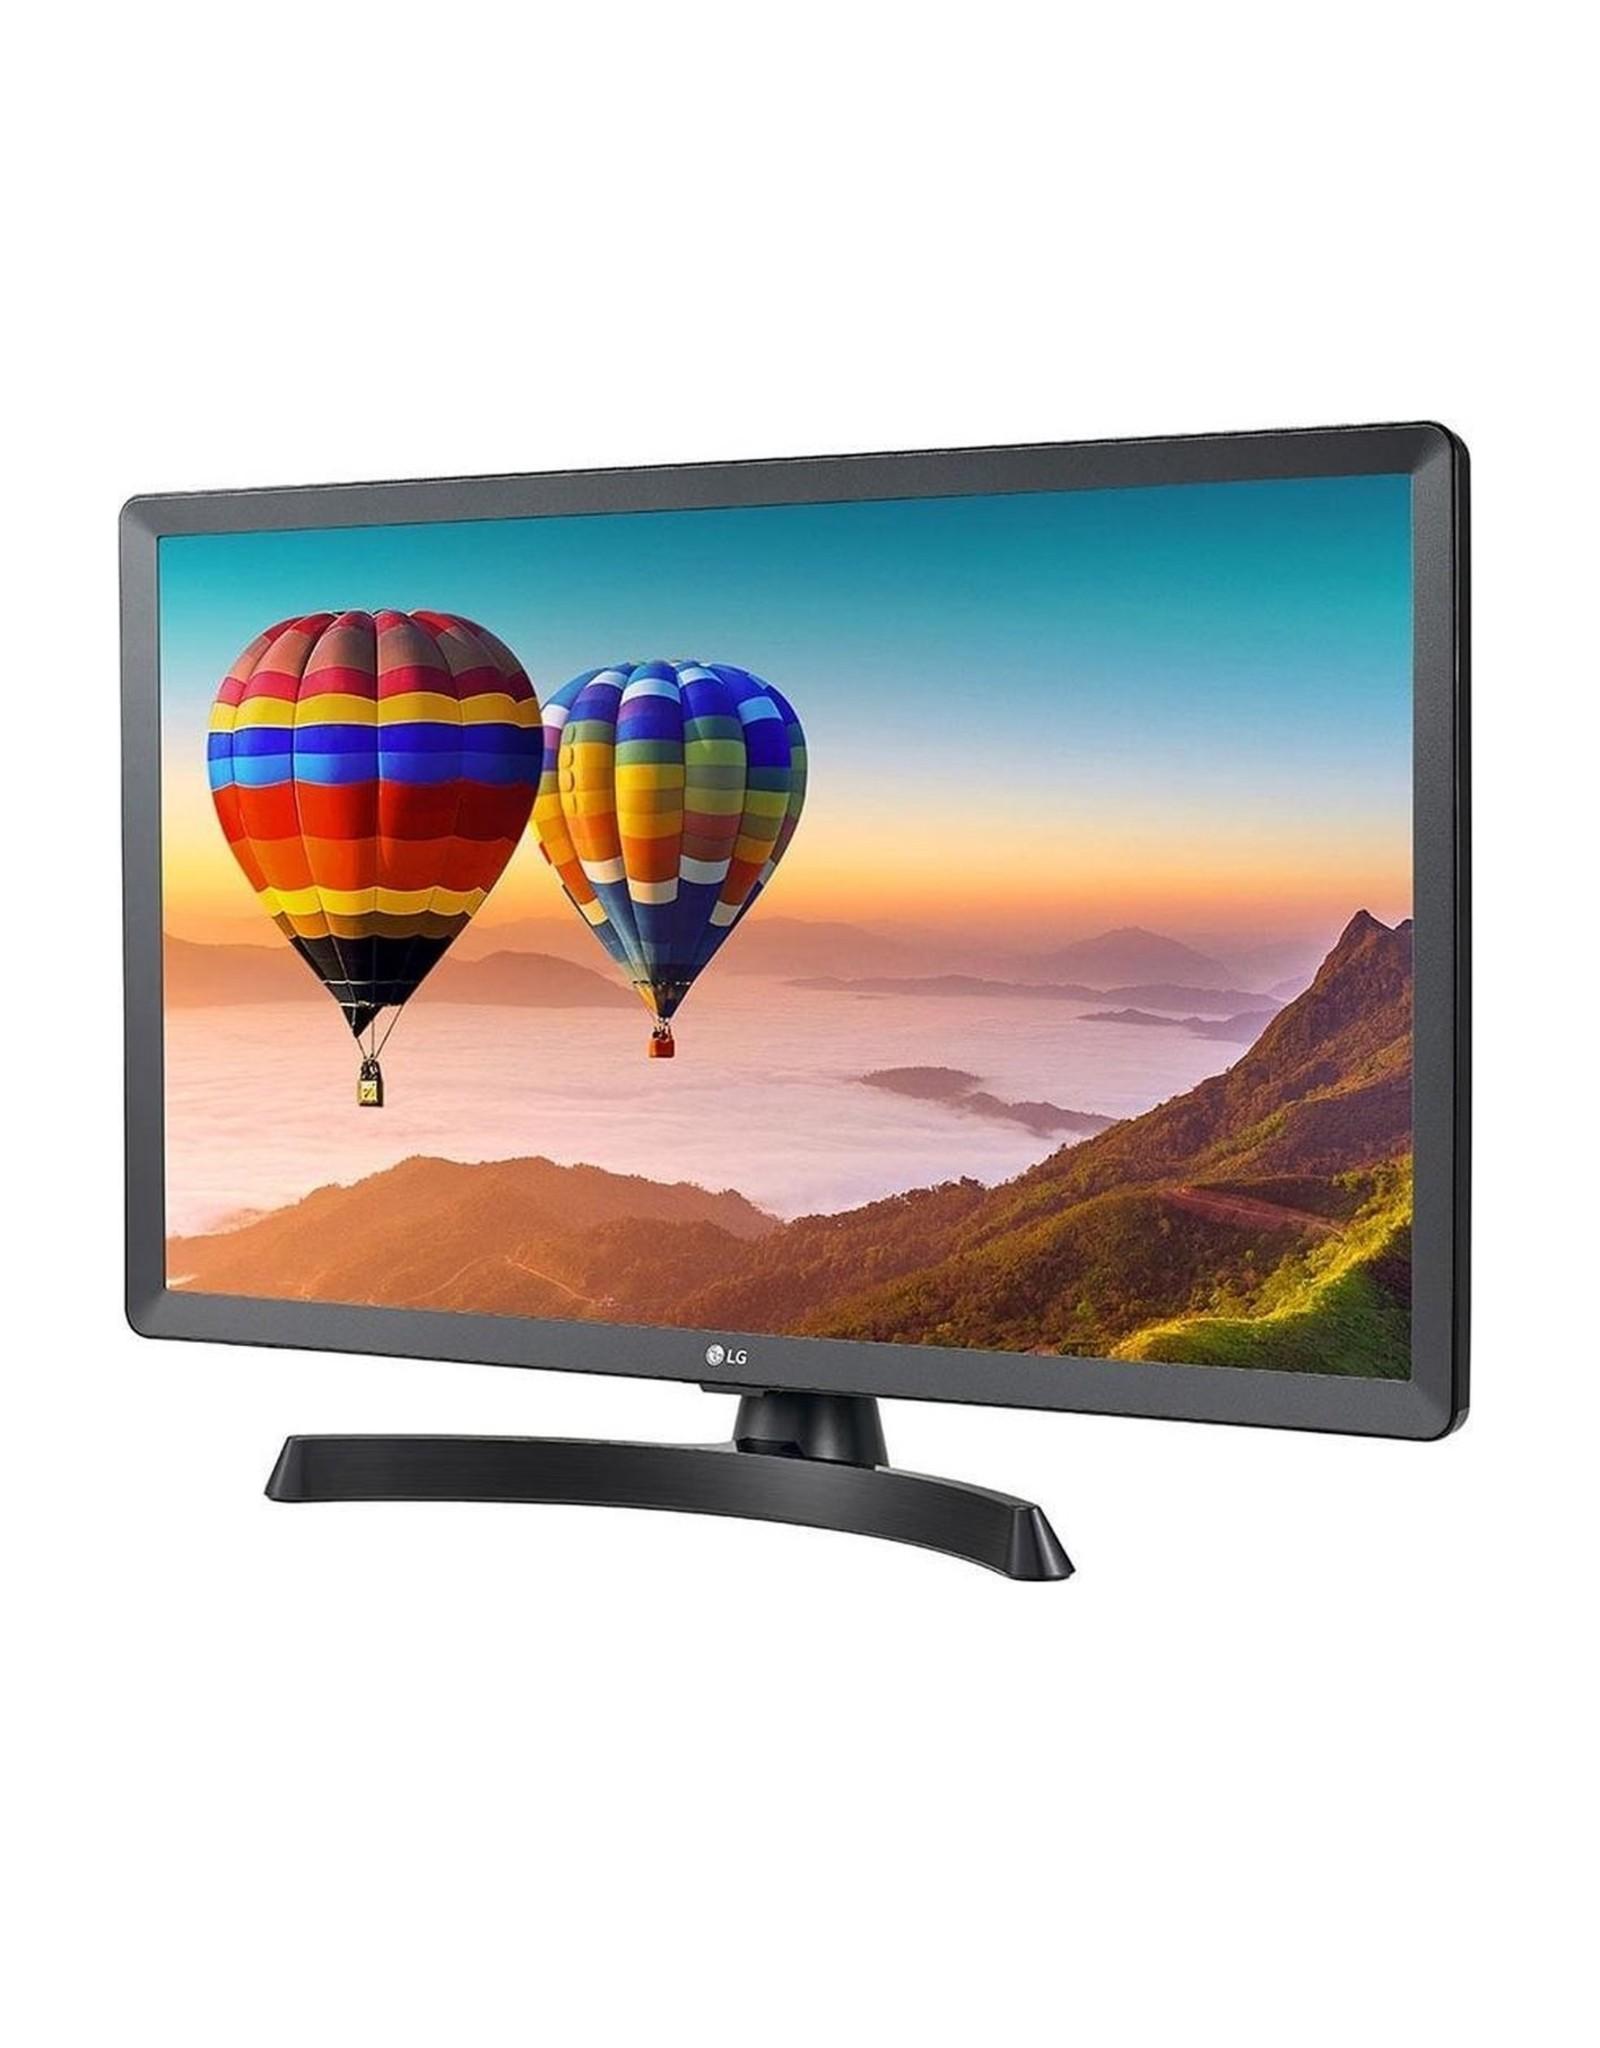 LG - Telvisie - 28TN515S-PZ - HD Smart - Wi-Fi - Zwart